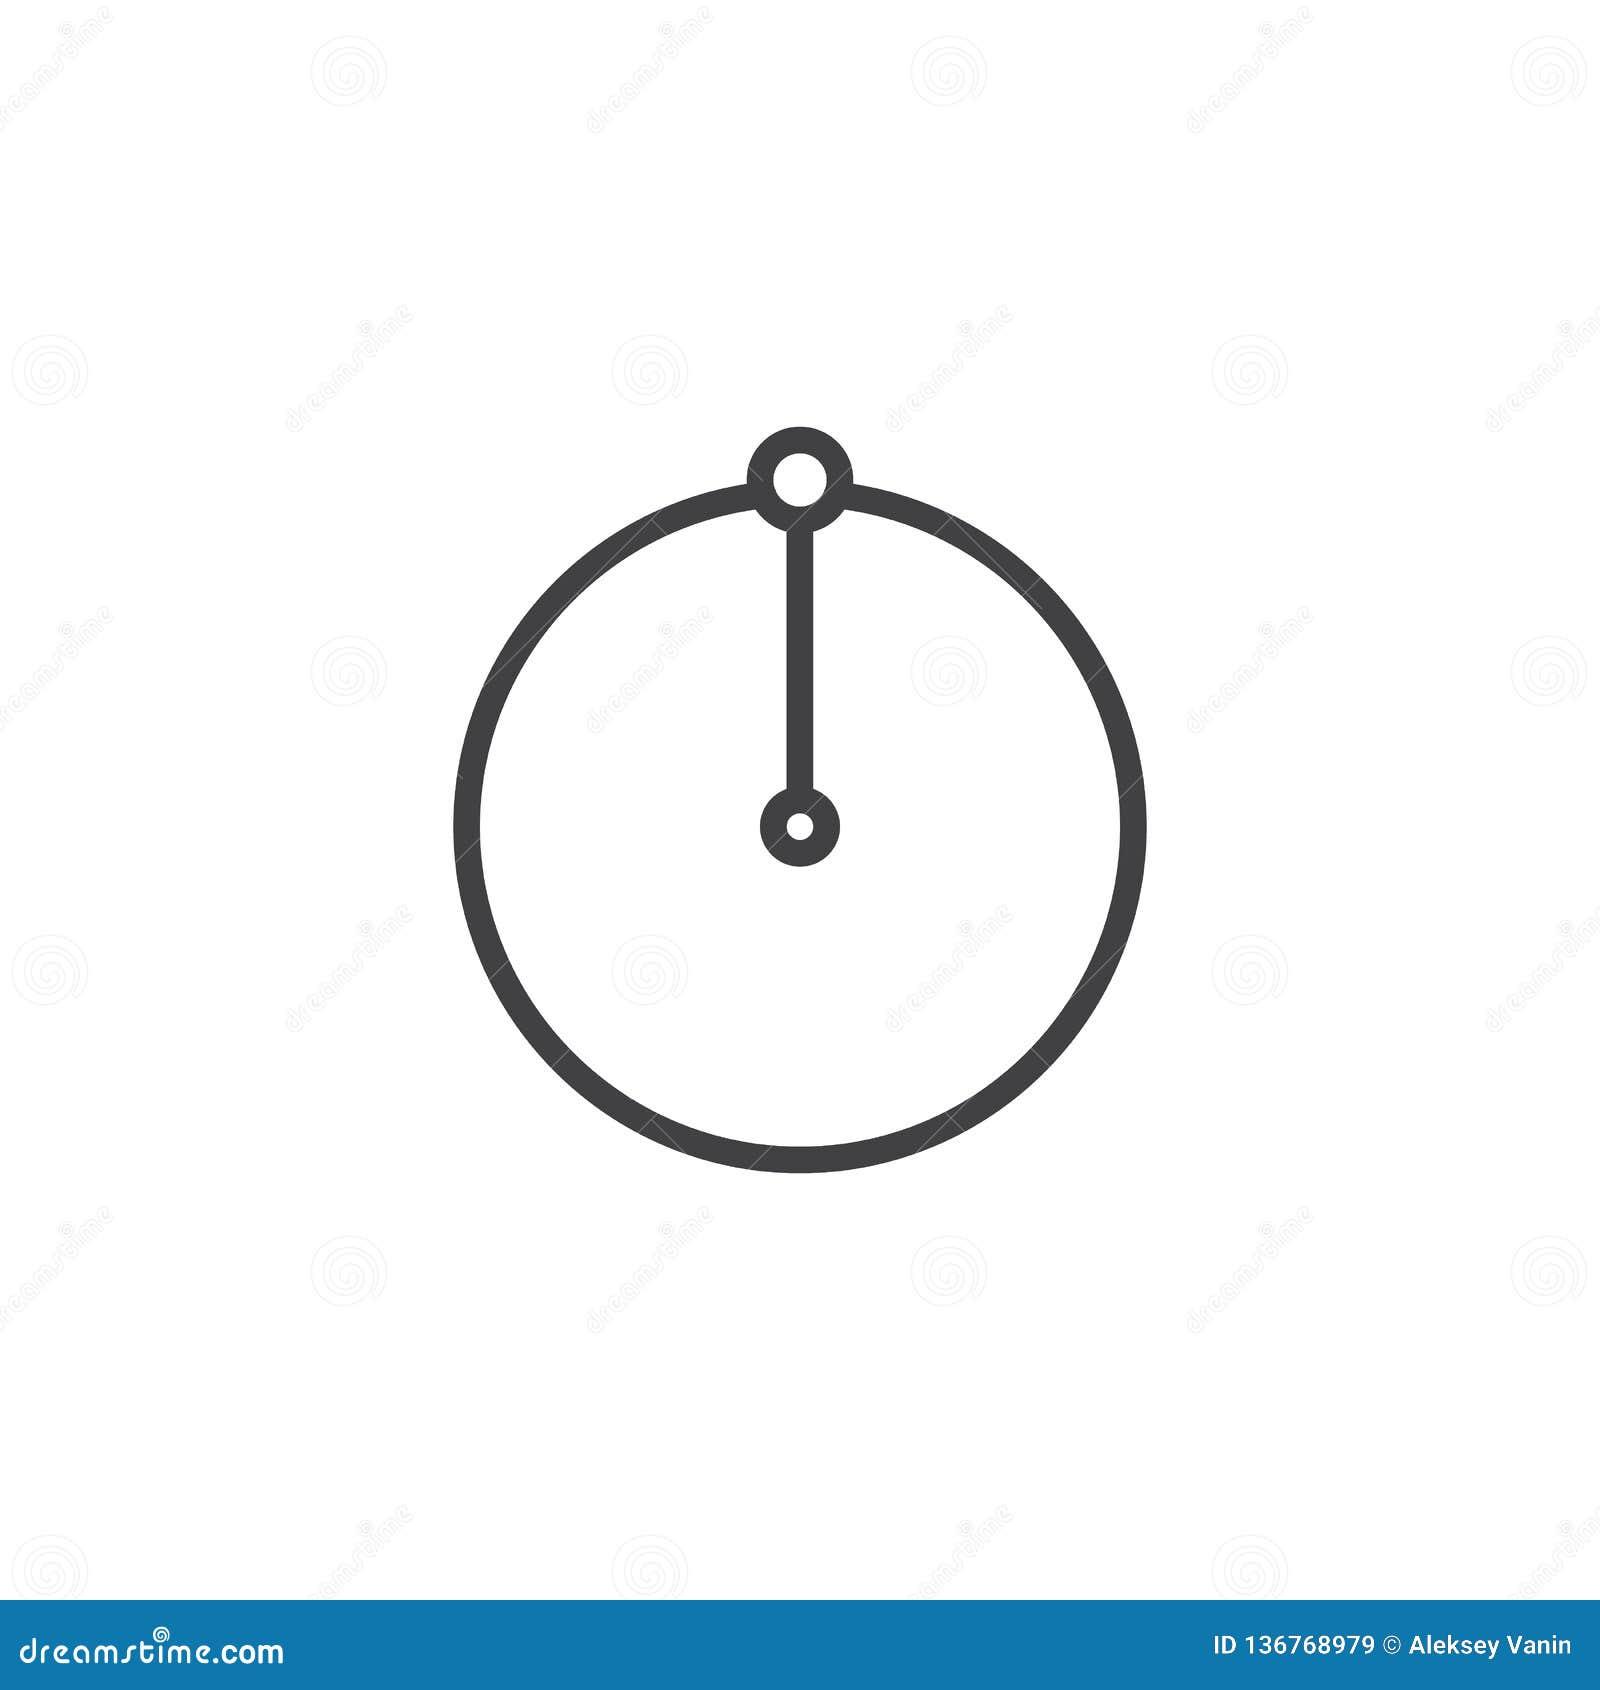 Linea icona del raggio del cerchio